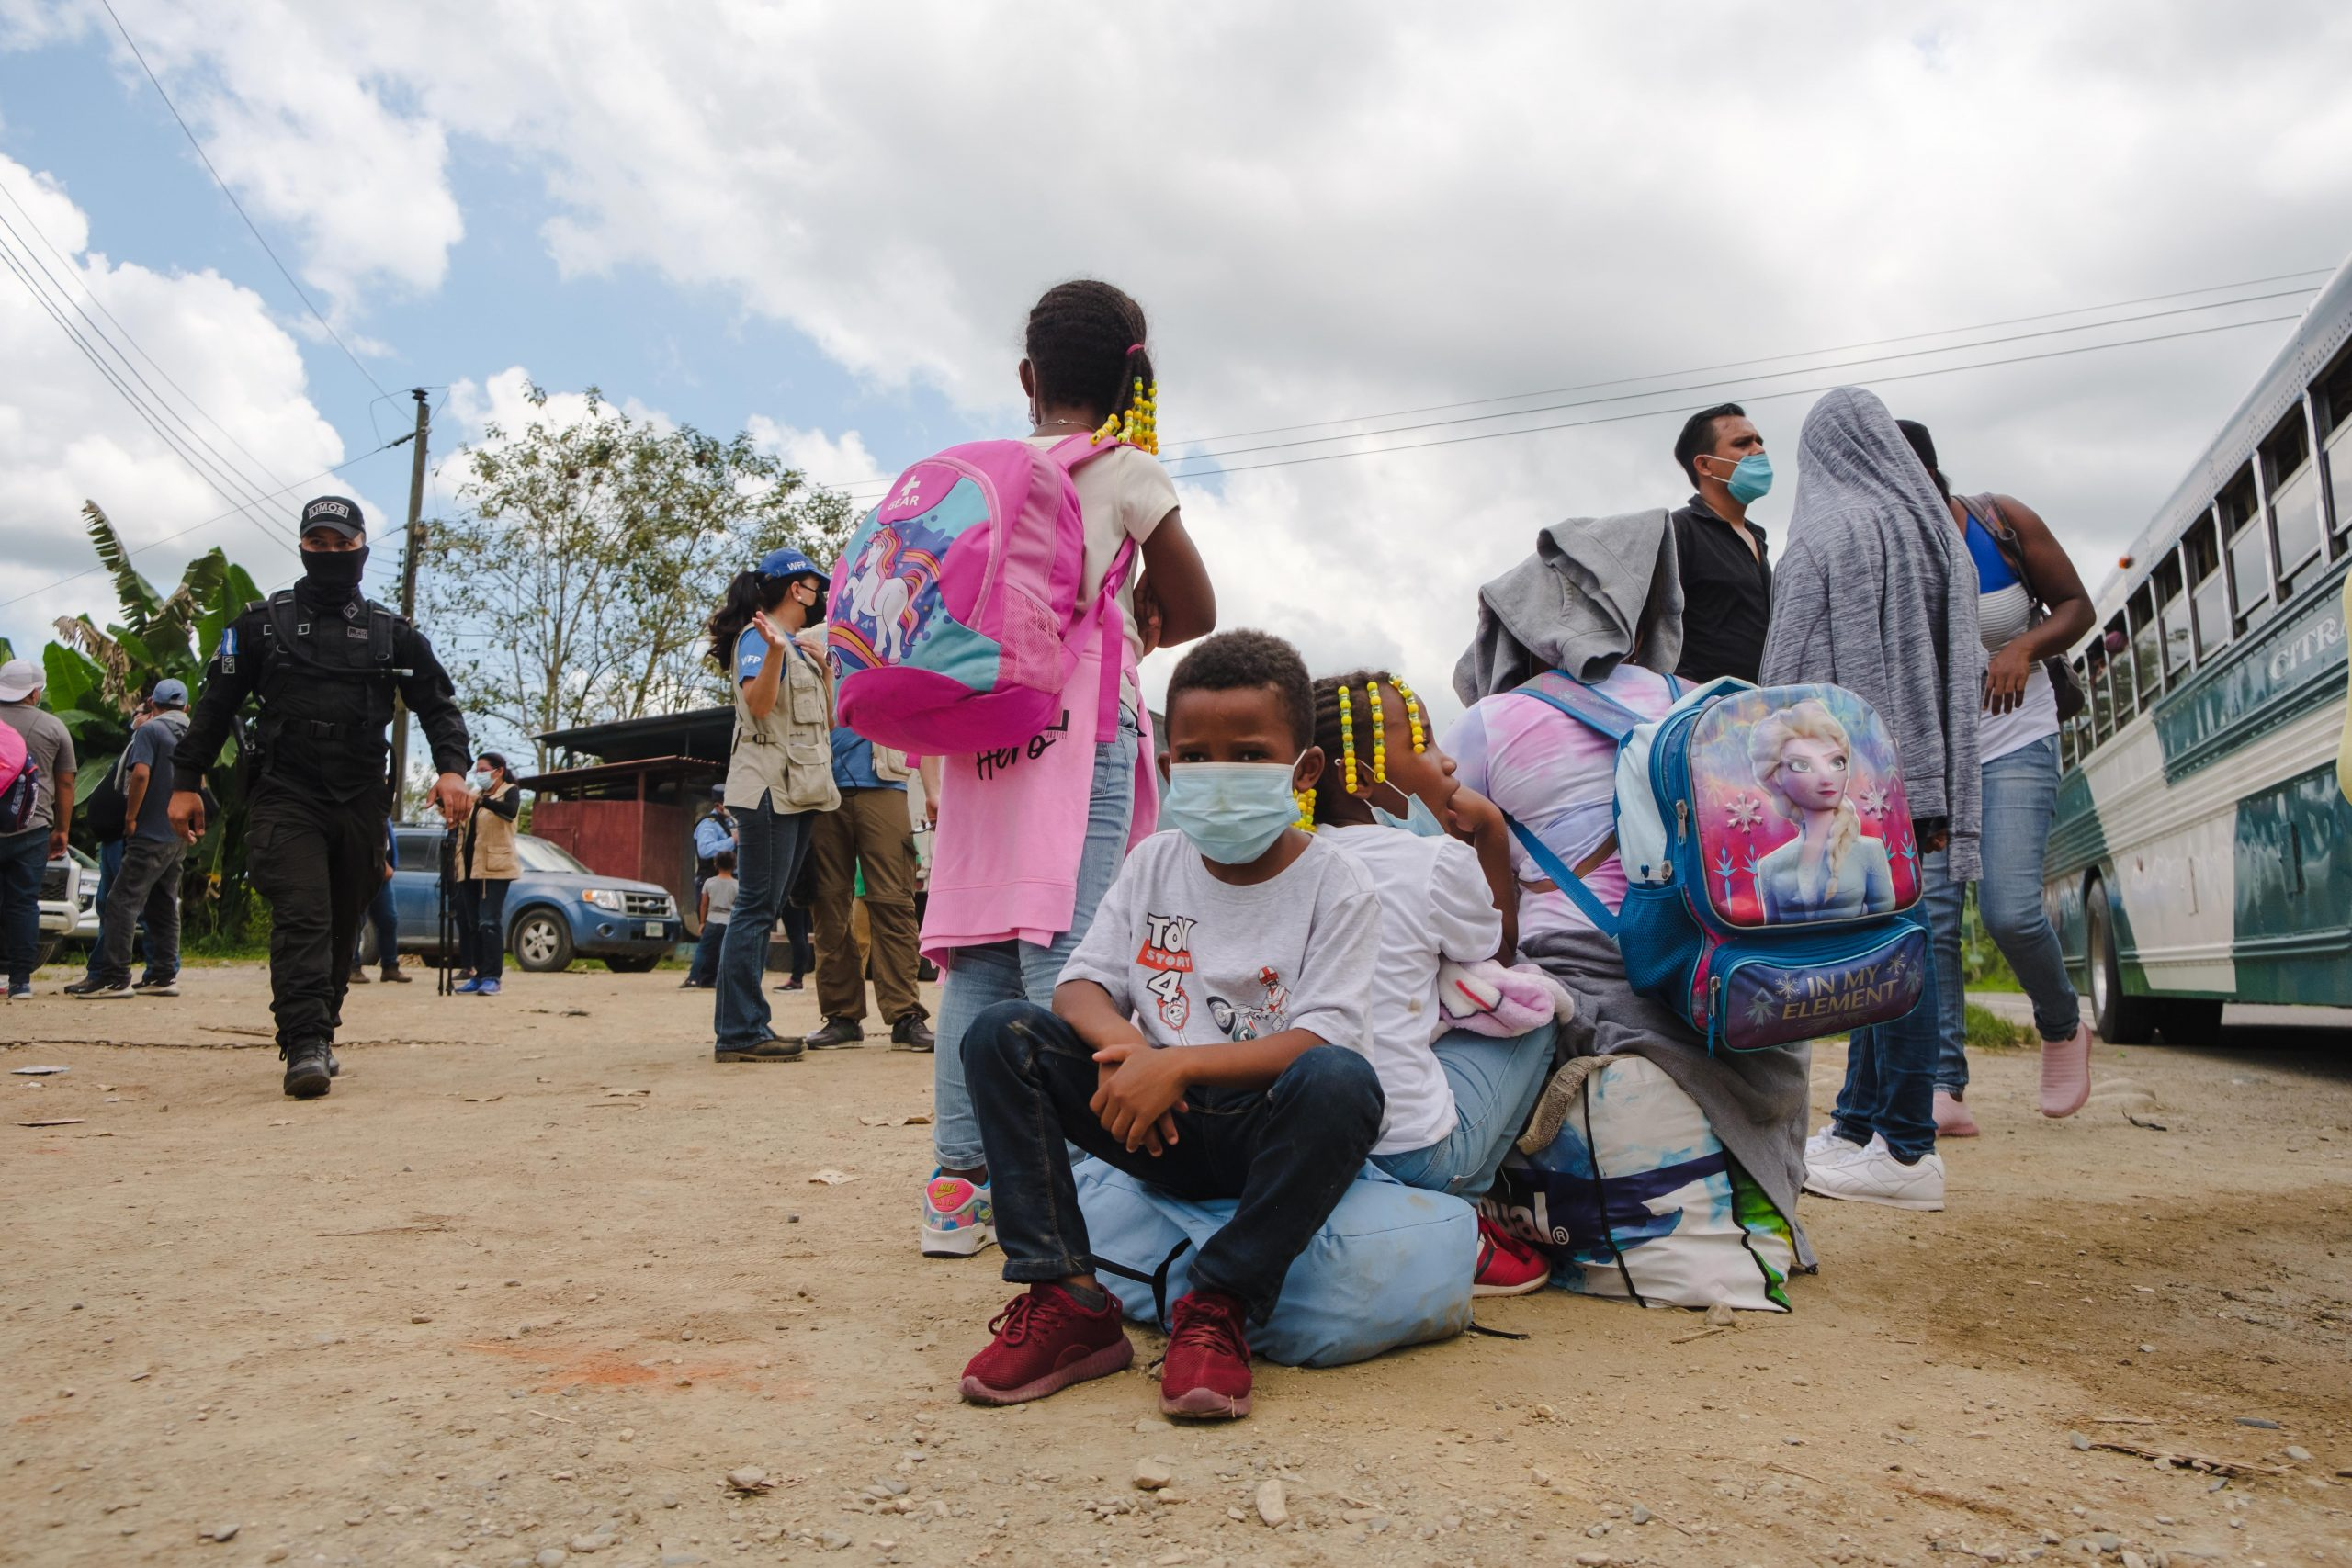 Un grupo de niños que viajaban junto a sus padres, procedentes de Colón, mientras eran retenidos por miembros de la Policía minutos antes de llegar a la Aduana de Corinto, Frontera con Guatemala.